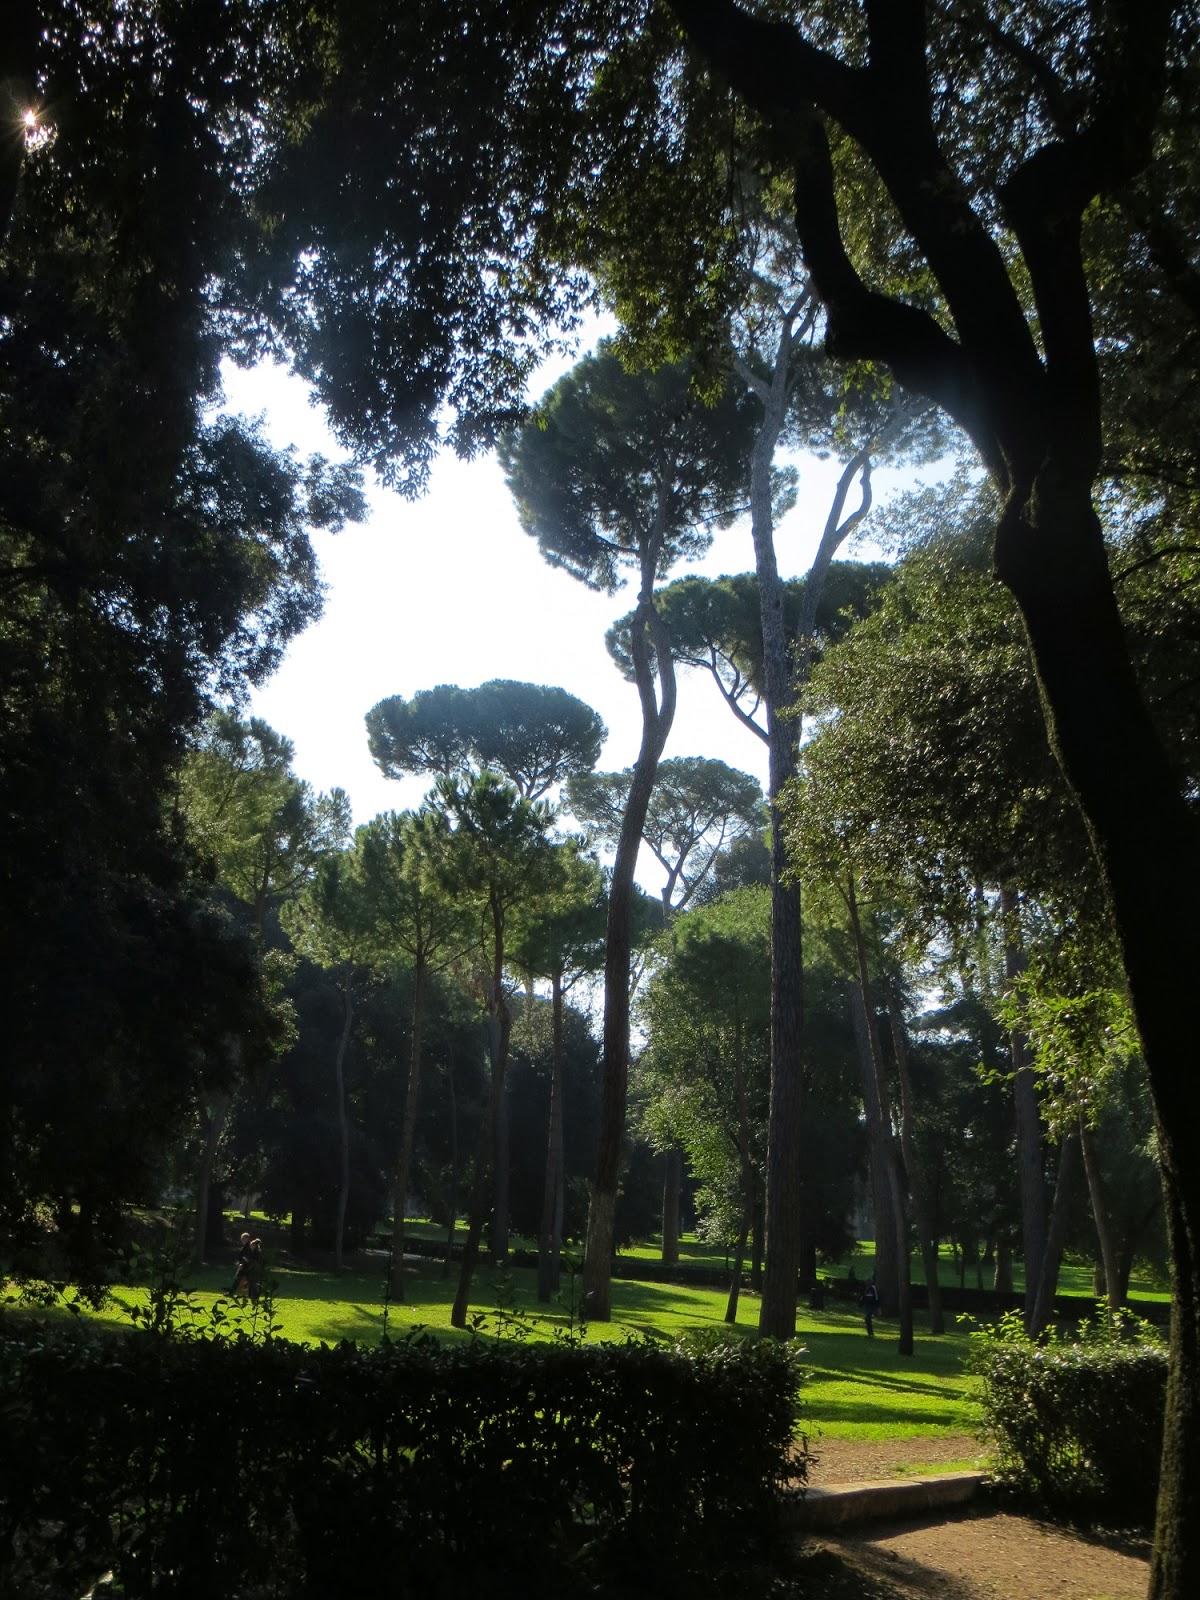 The Borghese Gardens, Rome, Italy